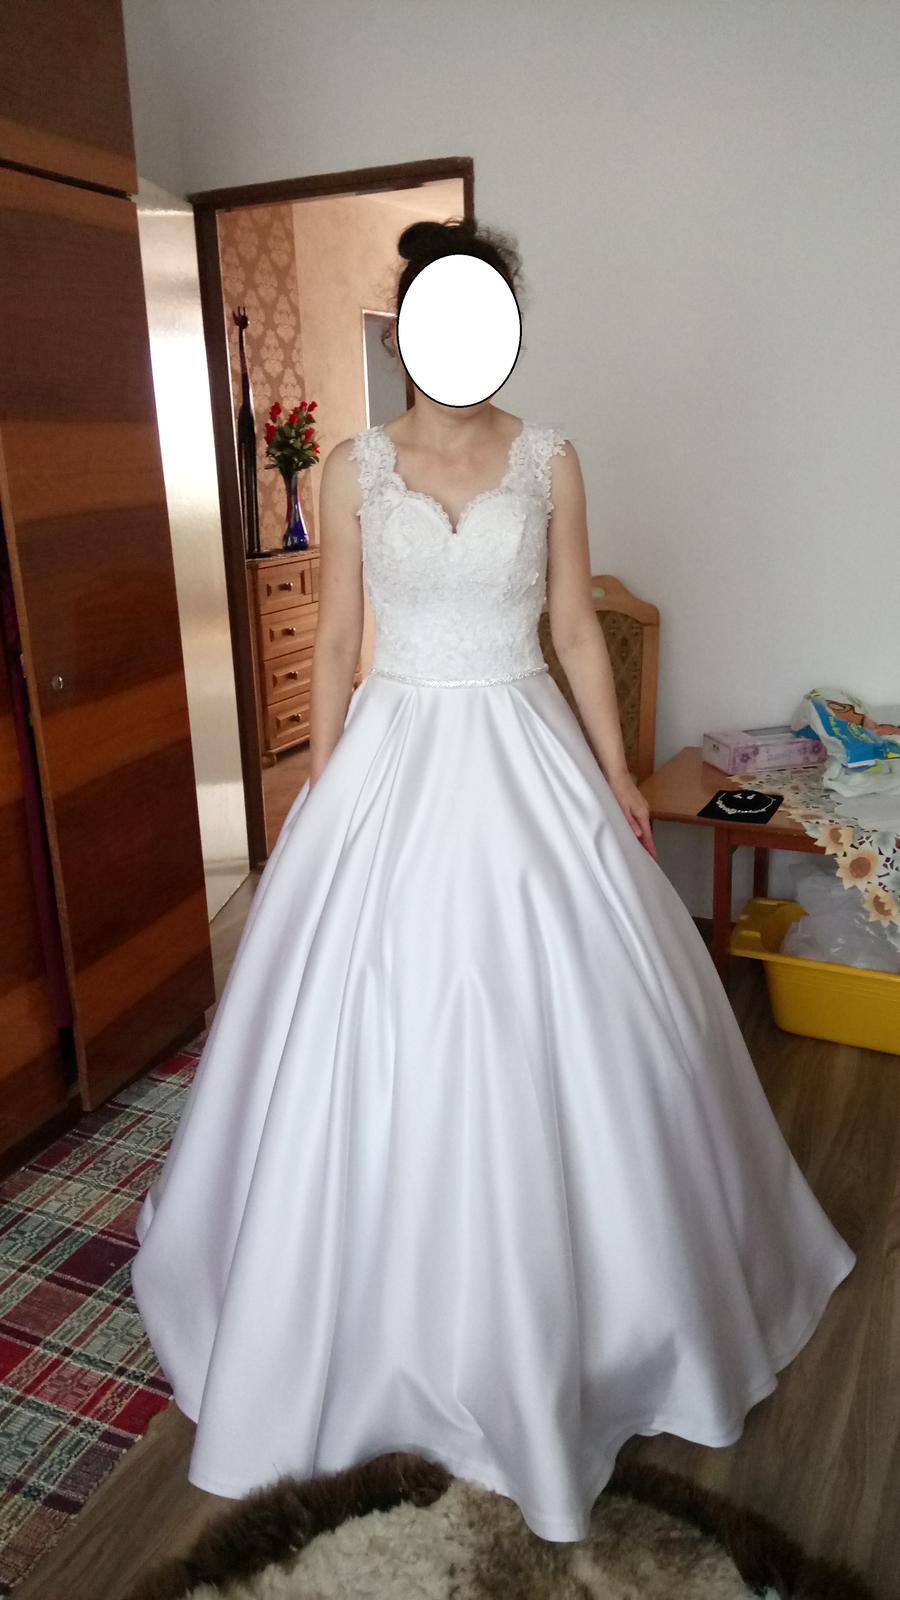 Predan svadobné šaty - Obrázok č. 1